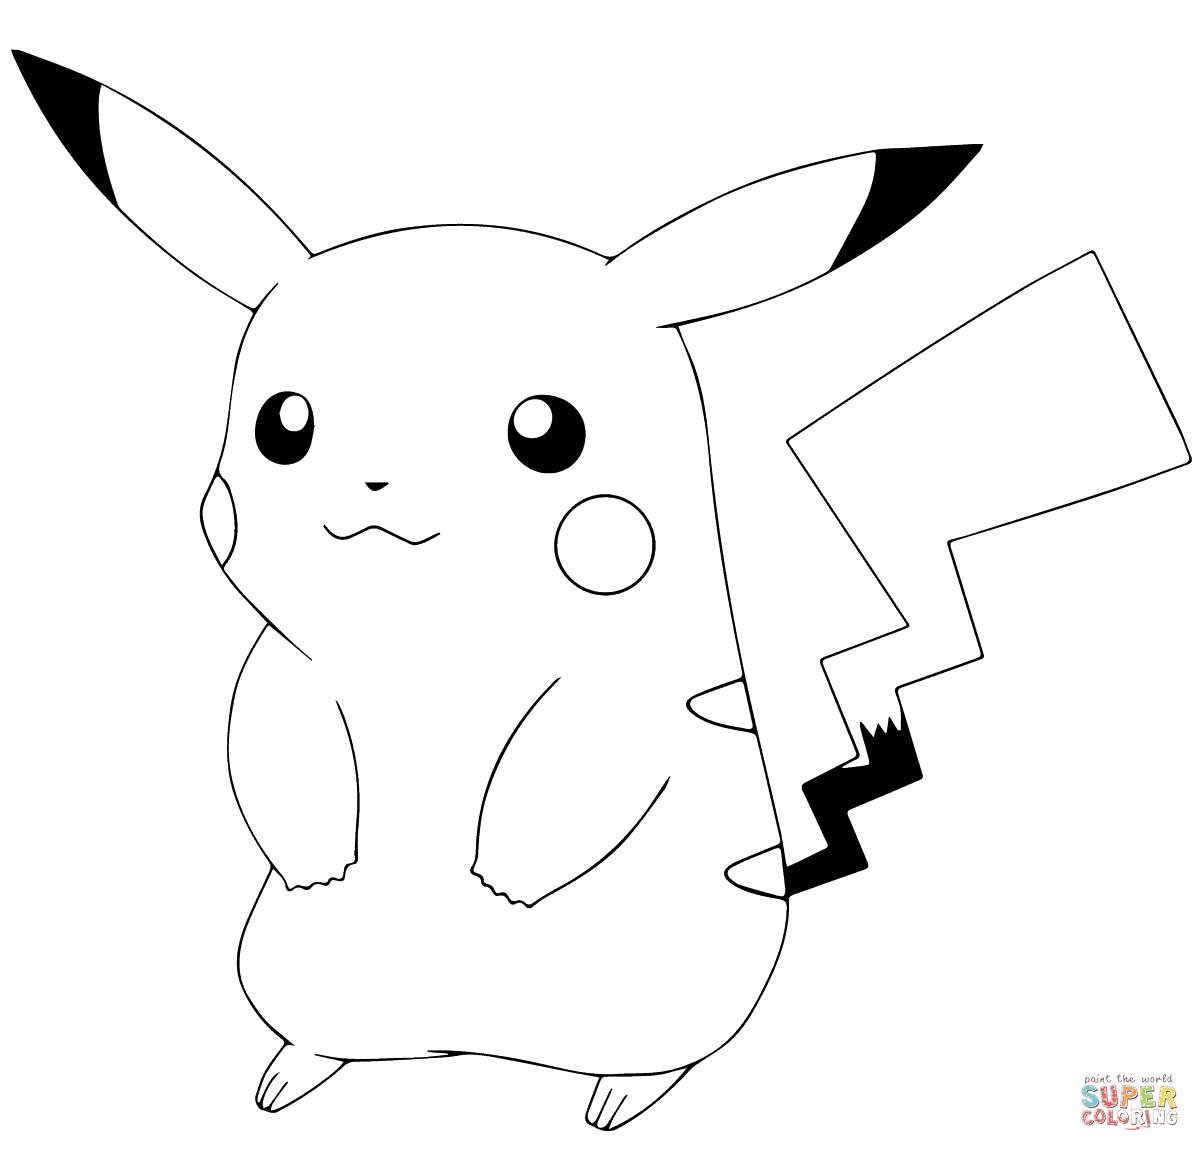 Pokémon GO Pikachu coloring page from Pokémon GO category ...